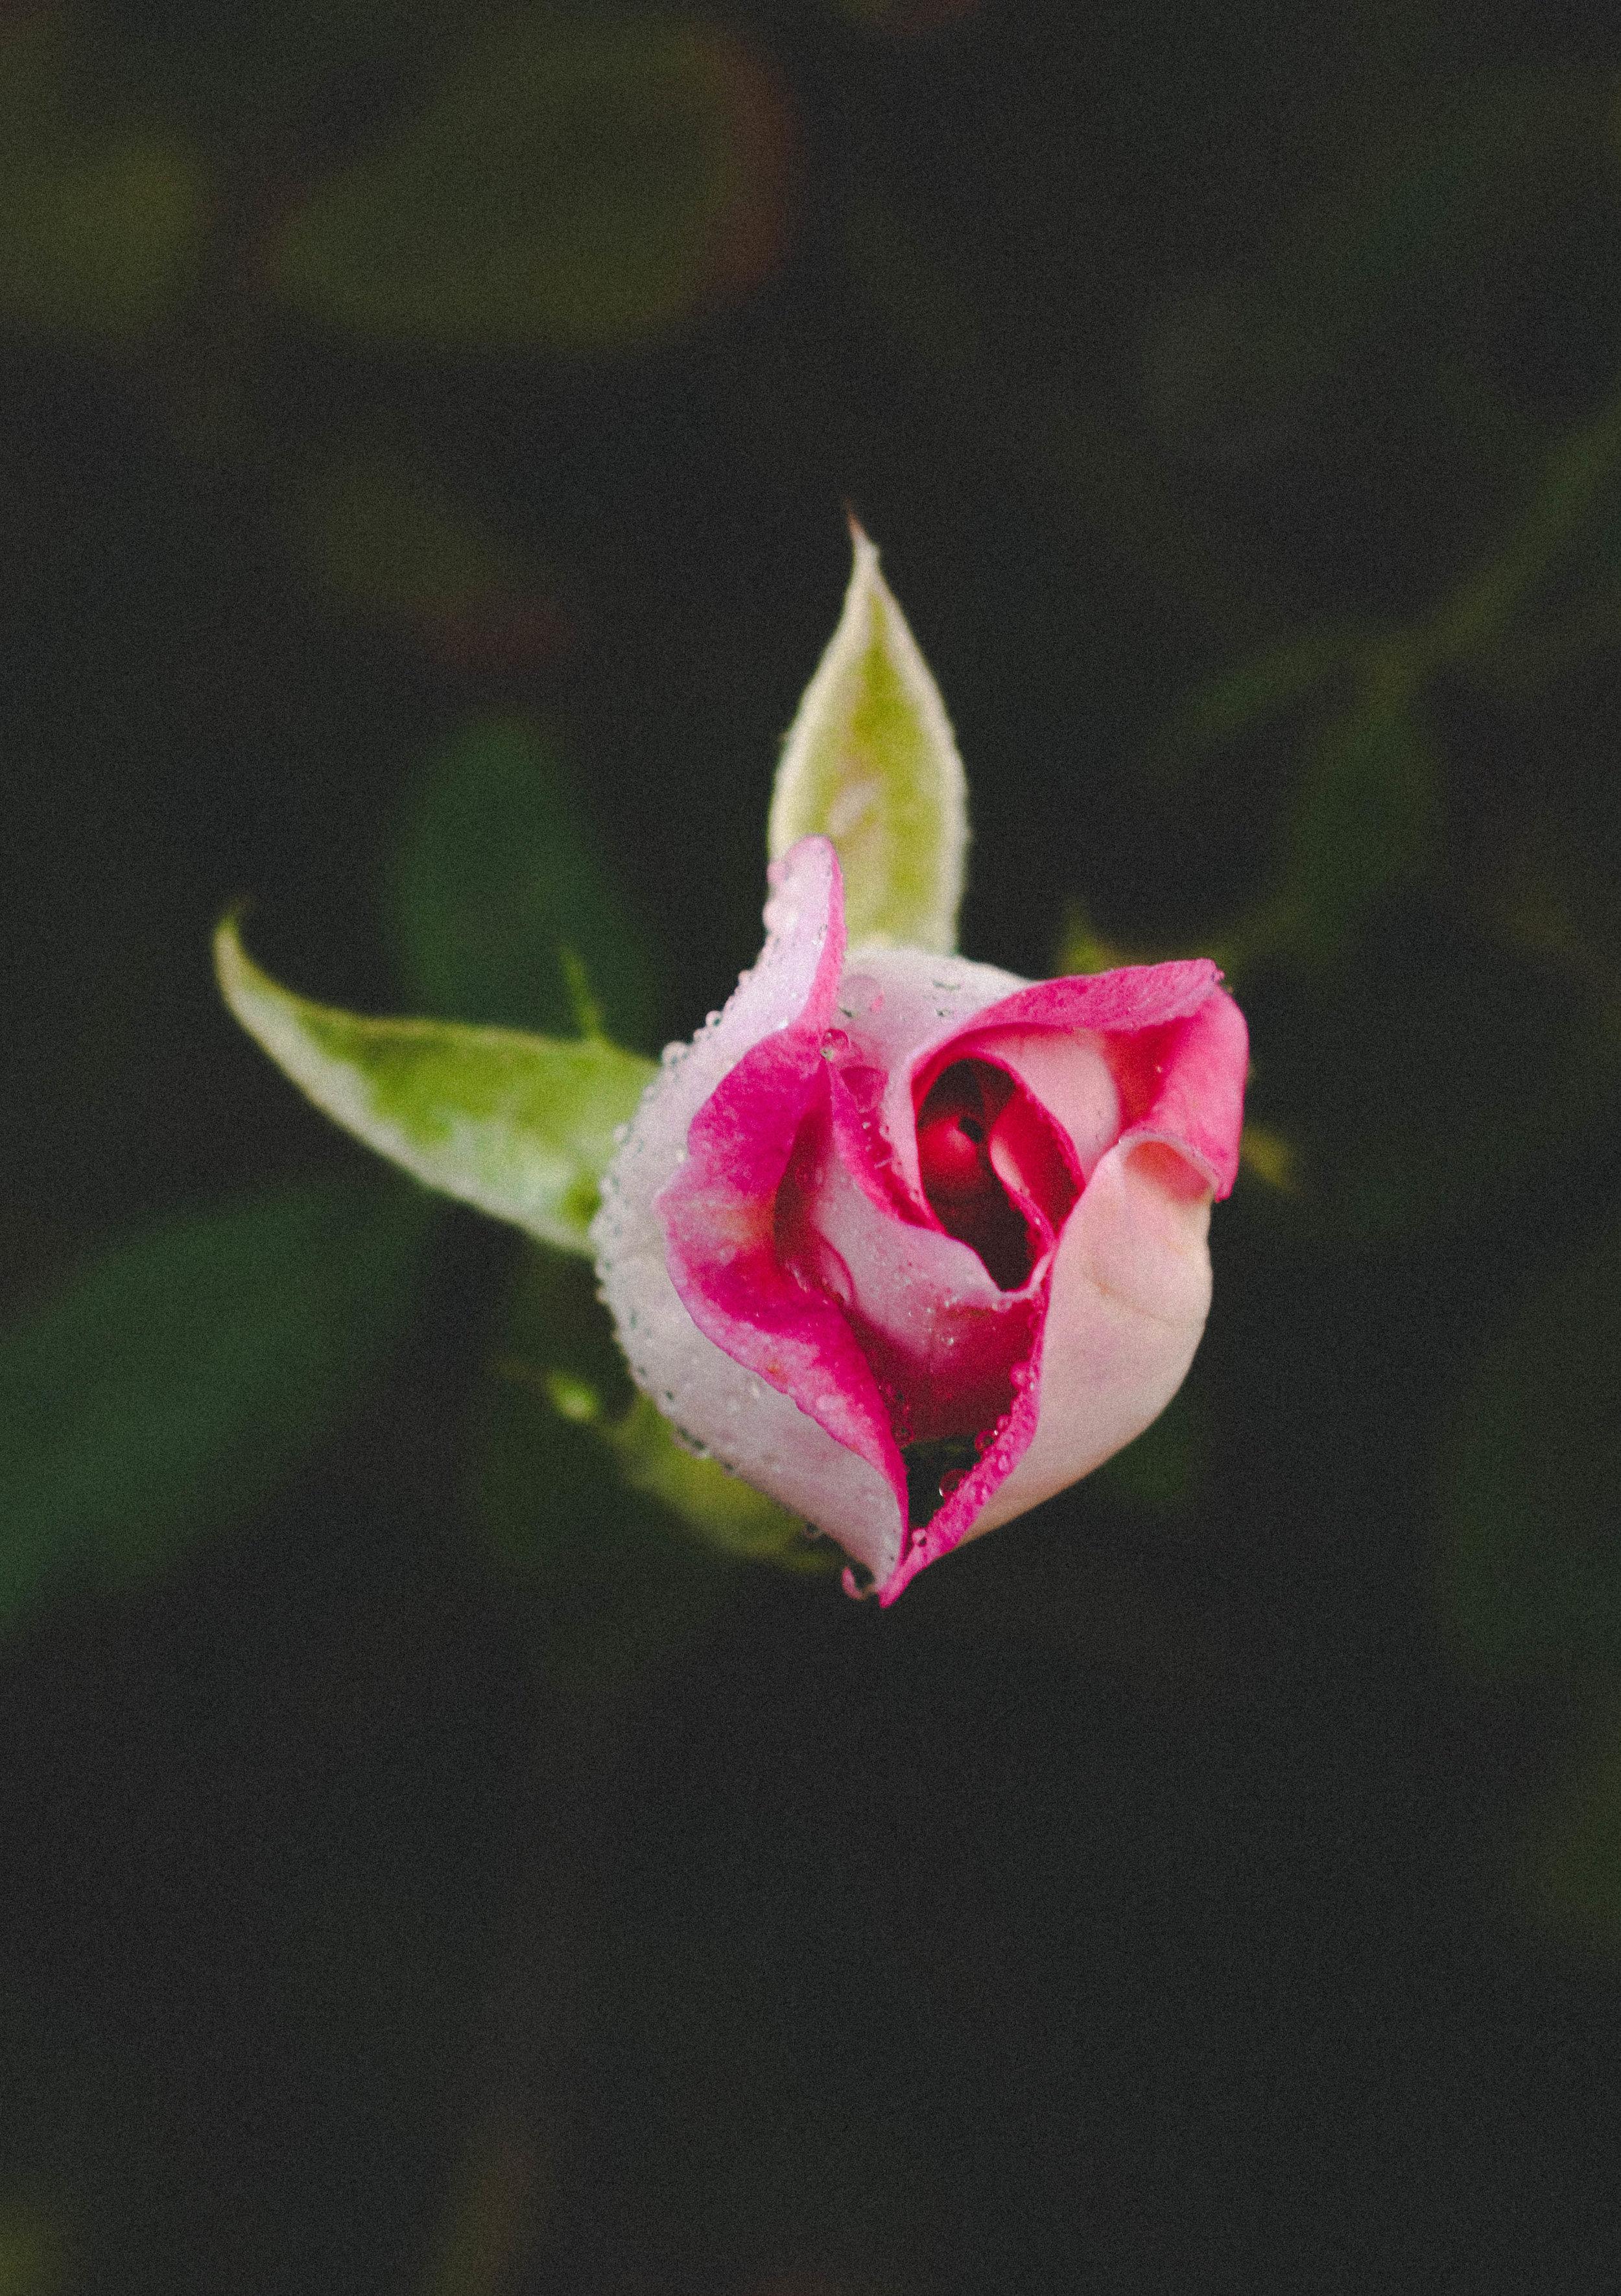 flower-_31291507725_o.jpg